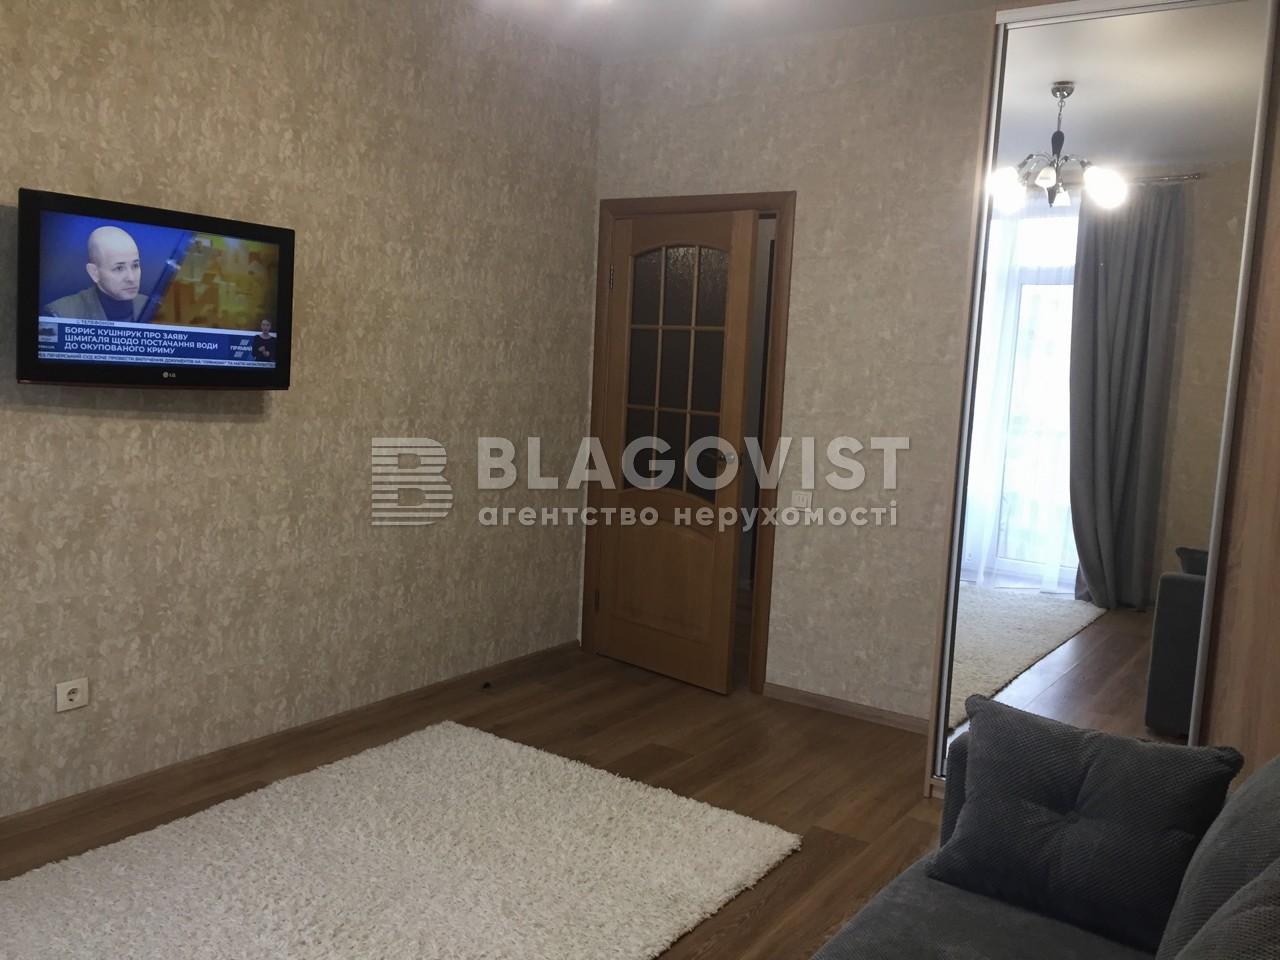 Квартира A-111082, Кавалеридзе Ивана, 11, Киев - Фото 6